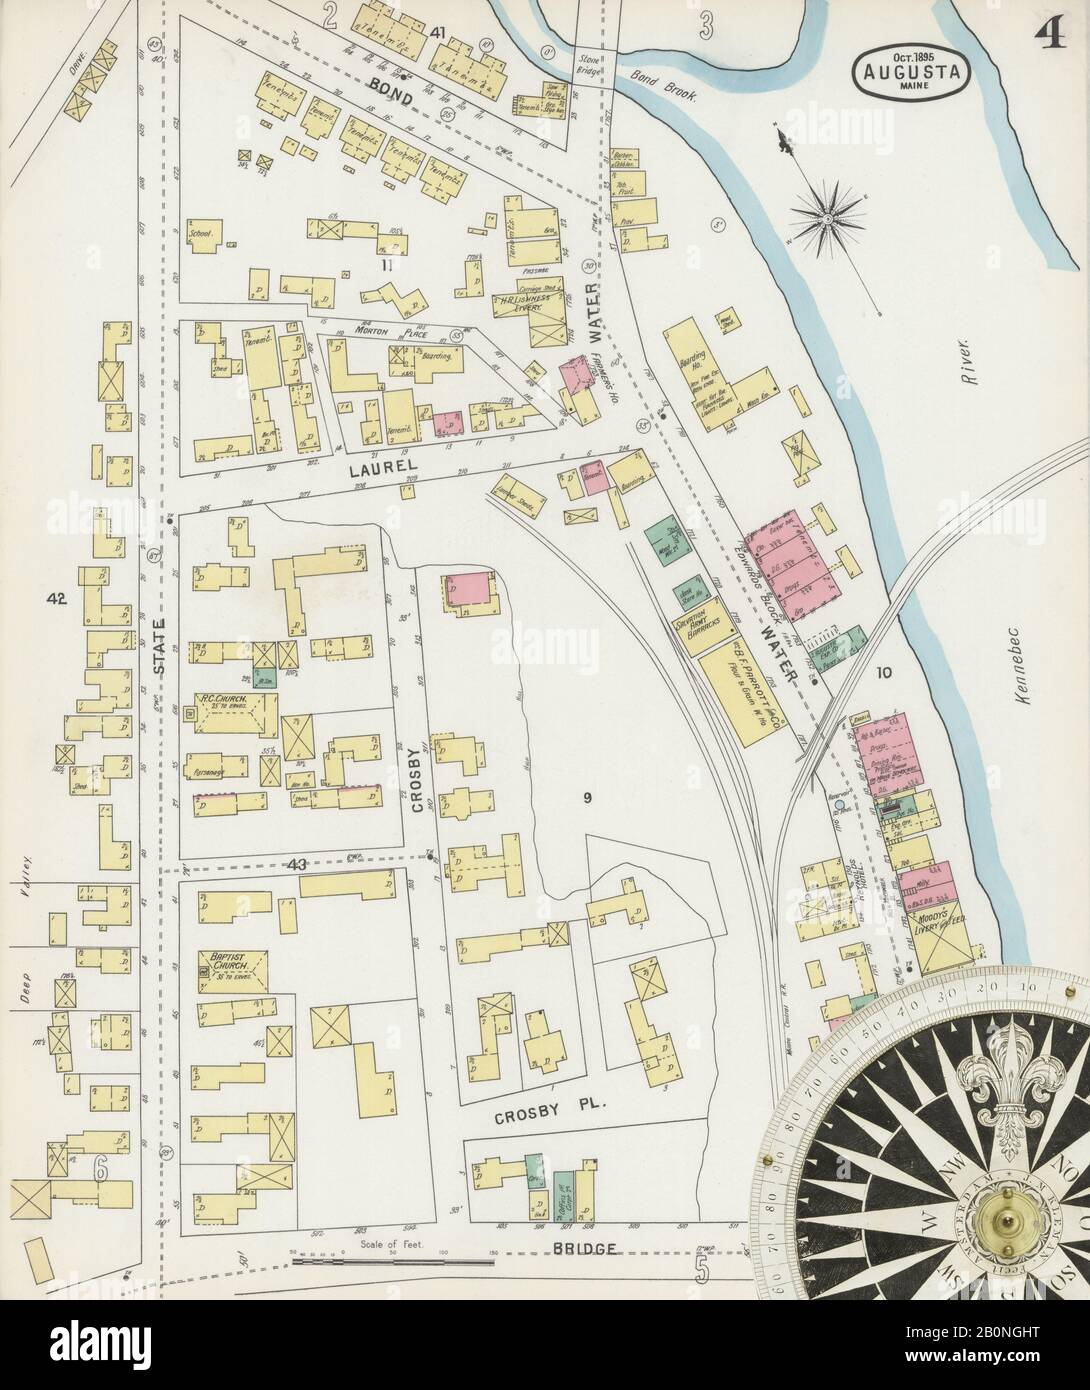 Bild 4 von Sanborn Fire Insurance Map aus Augusta, Kennebec County, Maine. Okt. 13 Blatt(e), Amerika, Straßenkarte mit einem Kompass Aus Dem 19. Jahrhundert Stockfoto